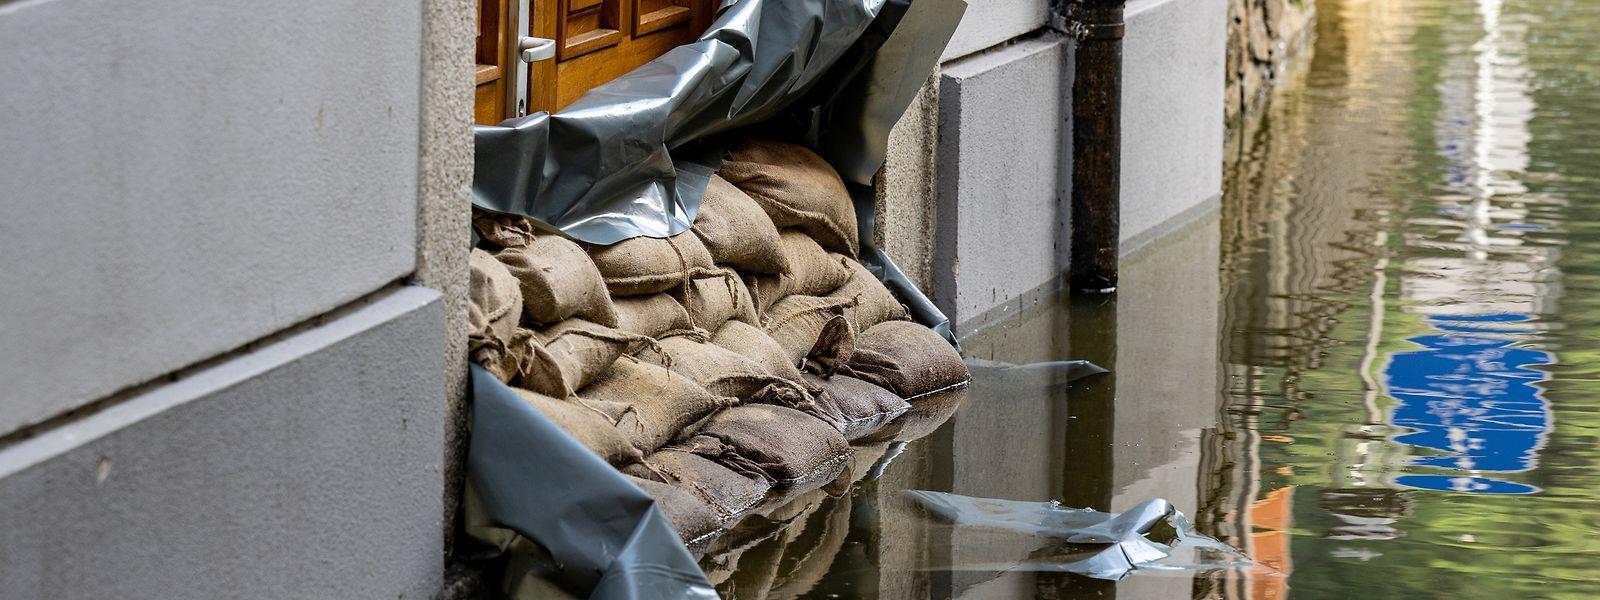 Sandsäcke helfen nur bedingt bis zu einem bestimmten Wasserniveau gegen Hochwasser. Außerdem müssen mehrere Reihen gestapelt werden. Die Säcke müssen trocken gelagert werden und sind nur schwer zu transportieren.